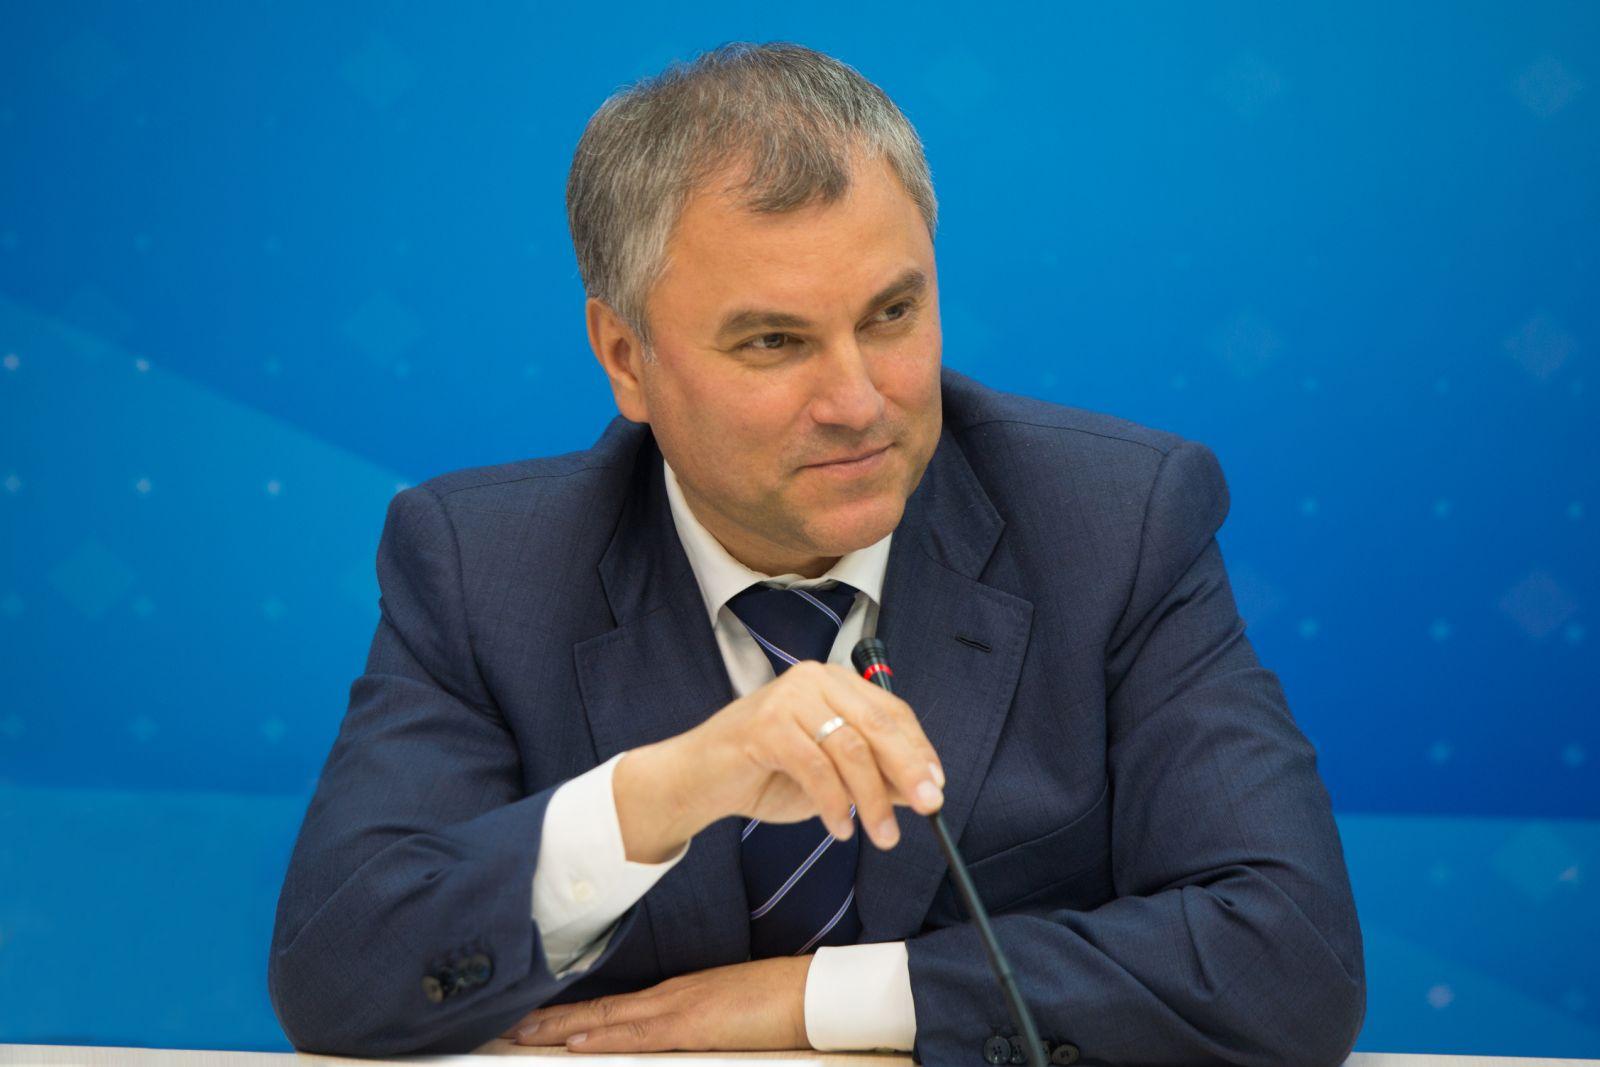 Инстаграм и Википедия Вячеслава Володина фото